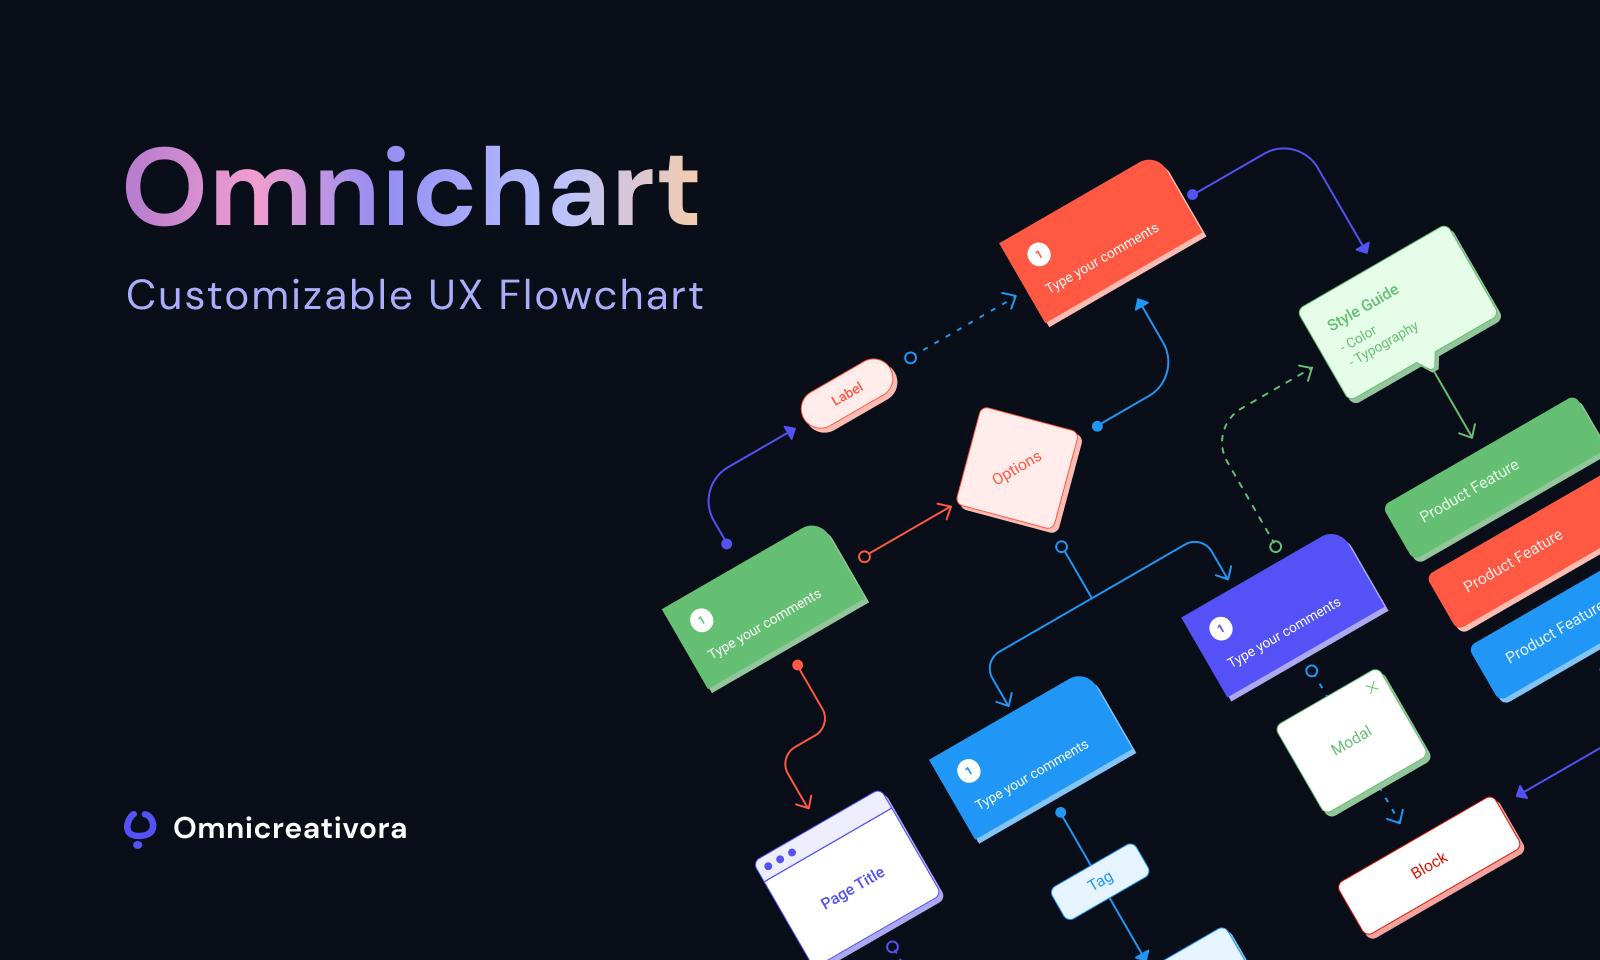 Omnichart-免费用户体验流程图插图